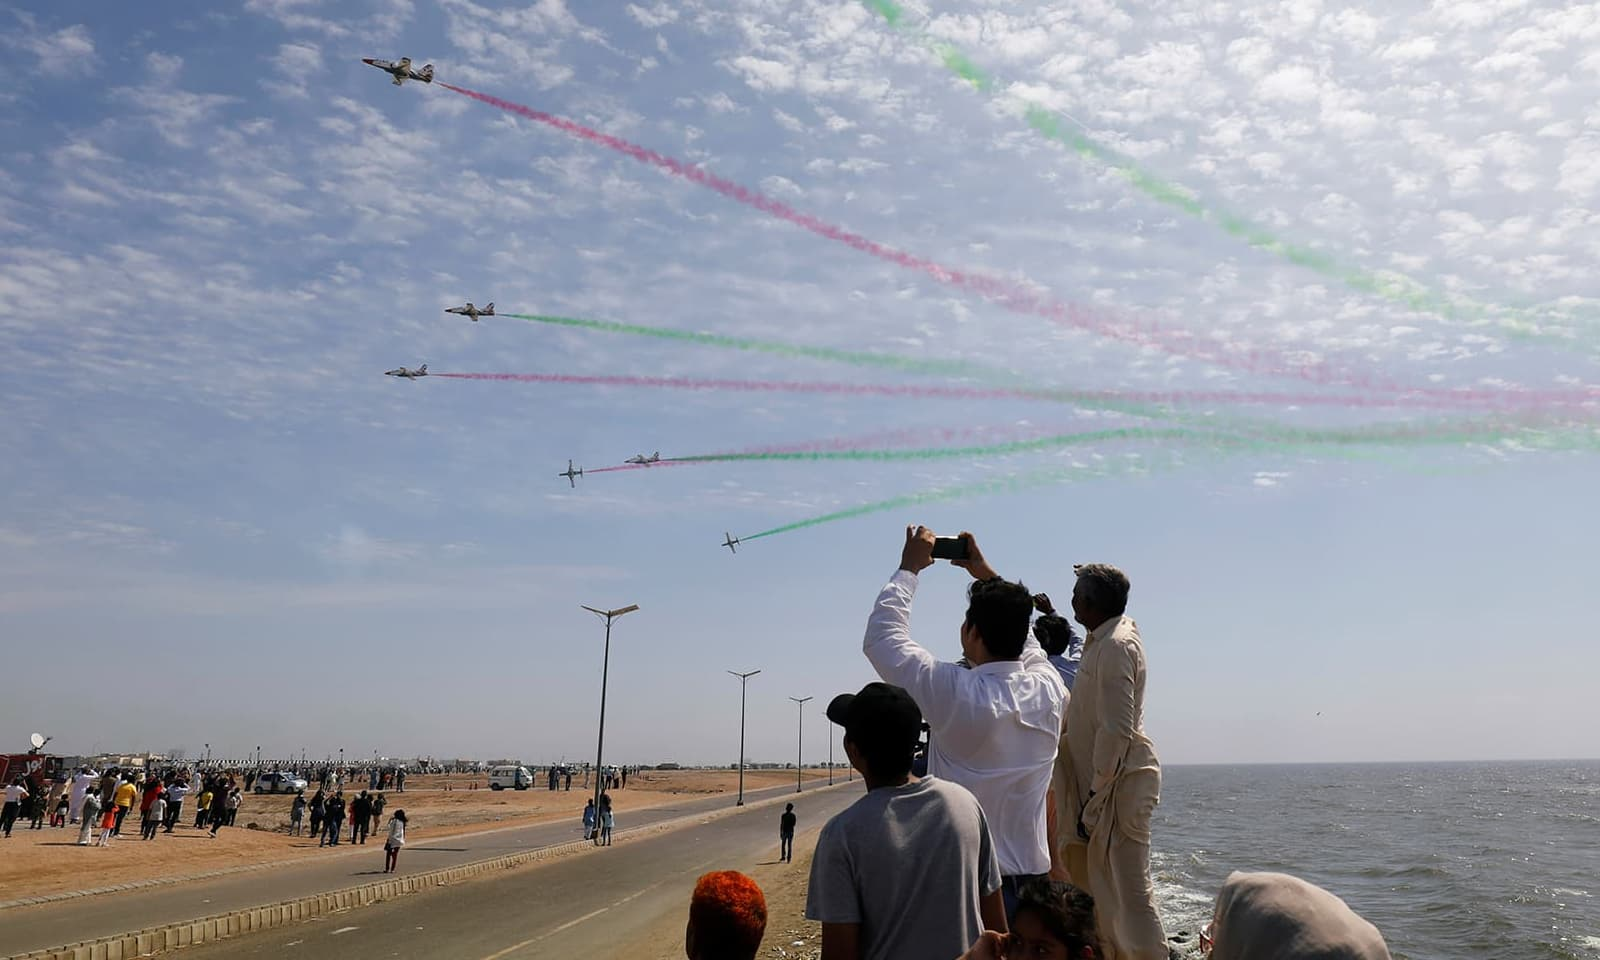 بعدازاں وزیر خارجہ نے کہا تھا کہ بھارتی پائلٹ کی واپسی کیلئے کوئی دباؤ نہیں تھا—فوٹو: رائٹرز